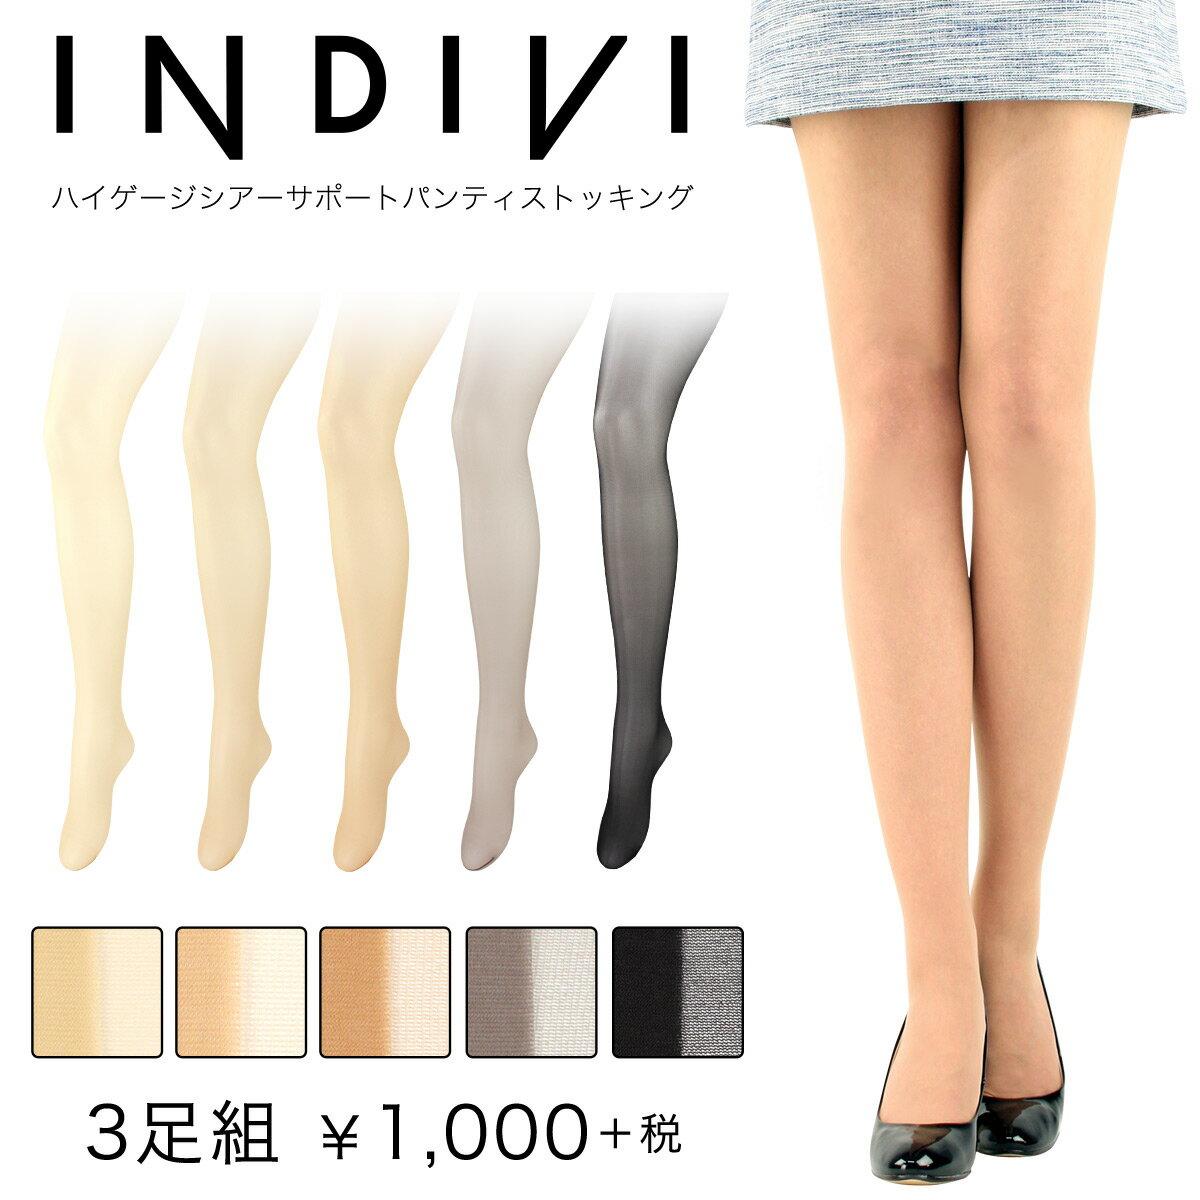 INDIVI(インディヴィ) 3足組ストッキング ナイガイ製・ハイゲージシアーサポート パンティストッキング 142-1301